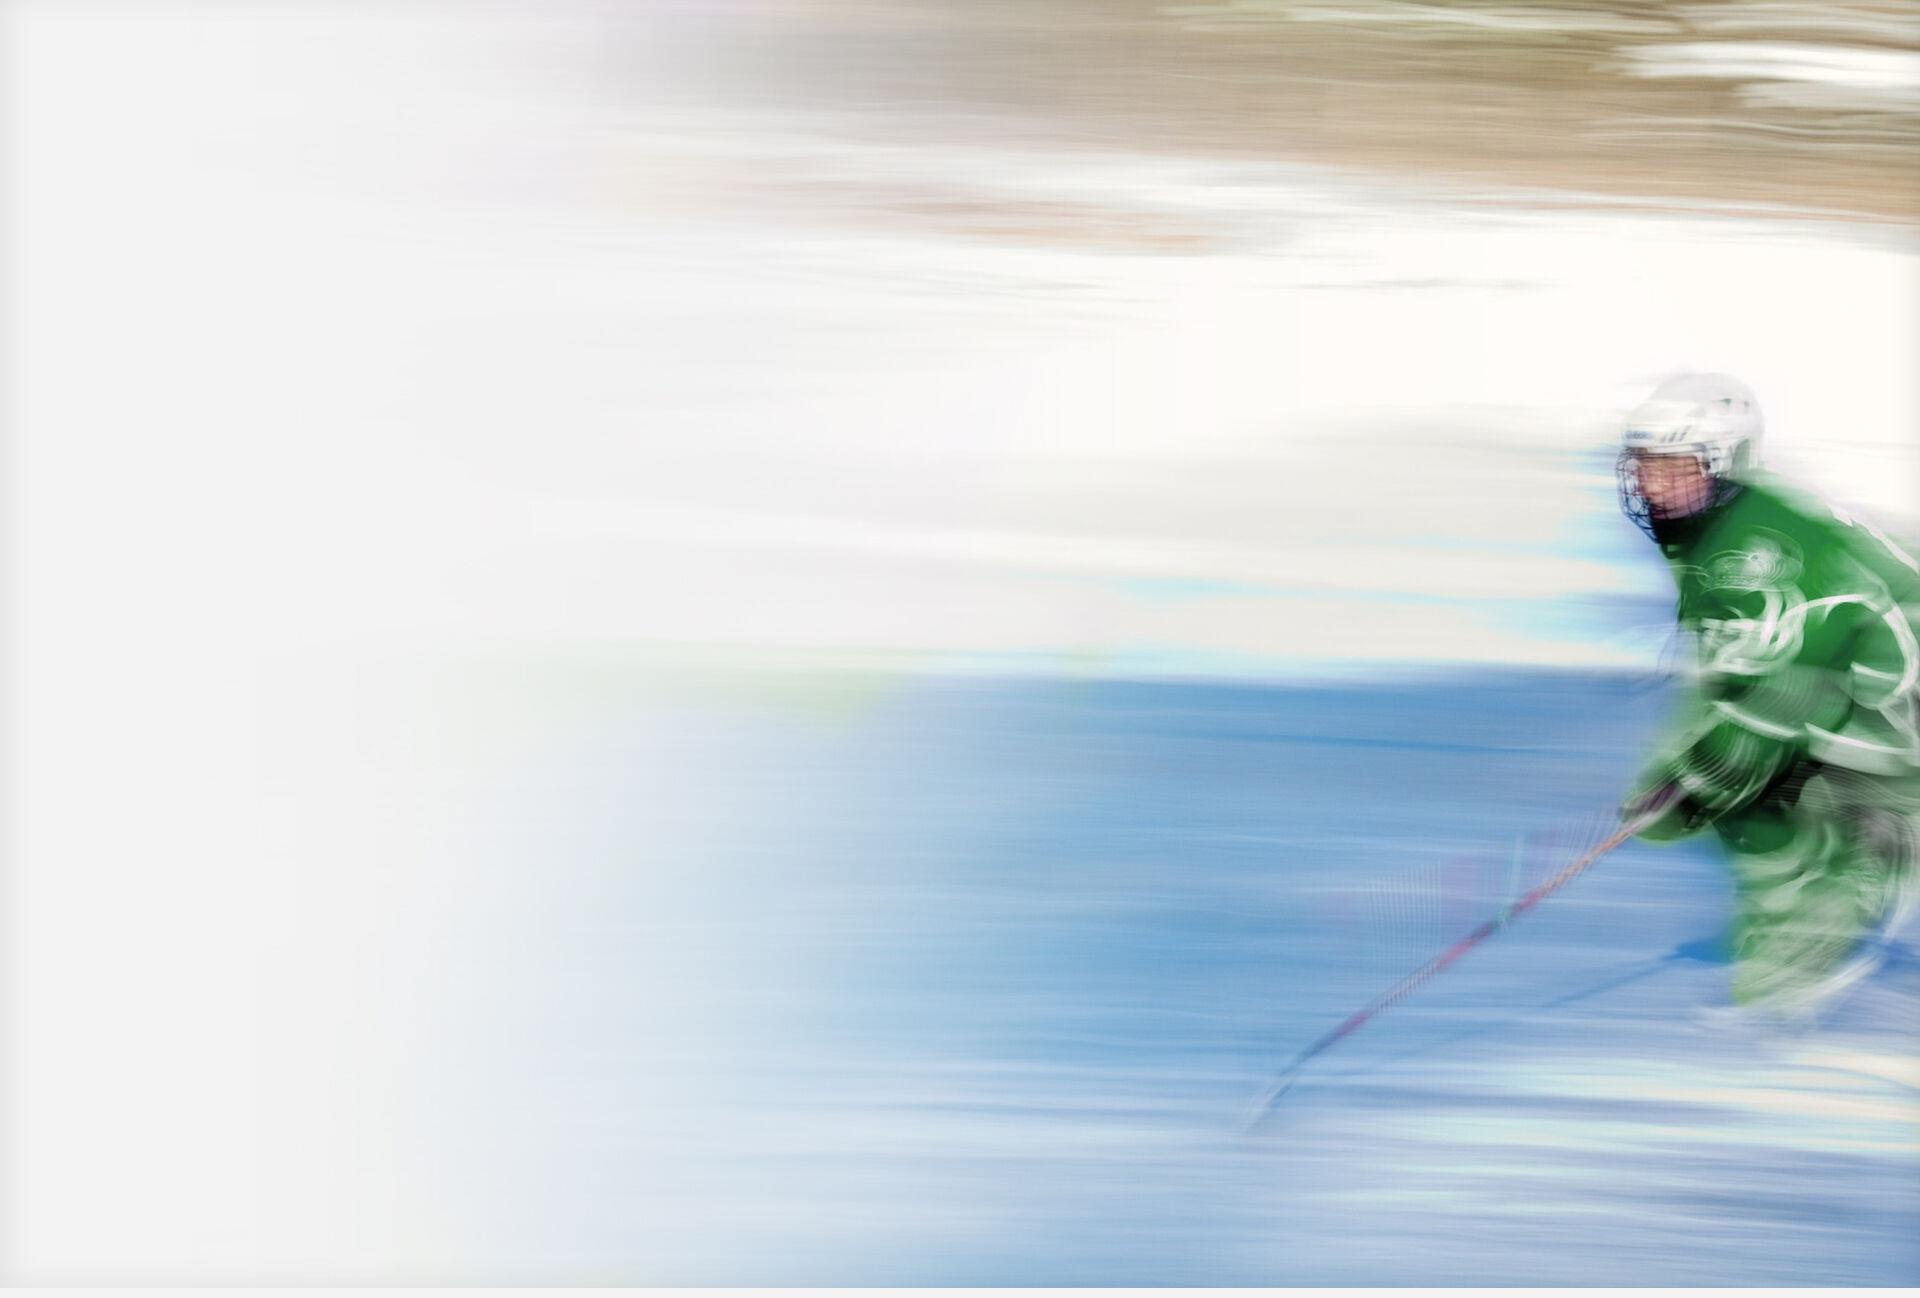 Eishockeyspieler Hintergrundbild